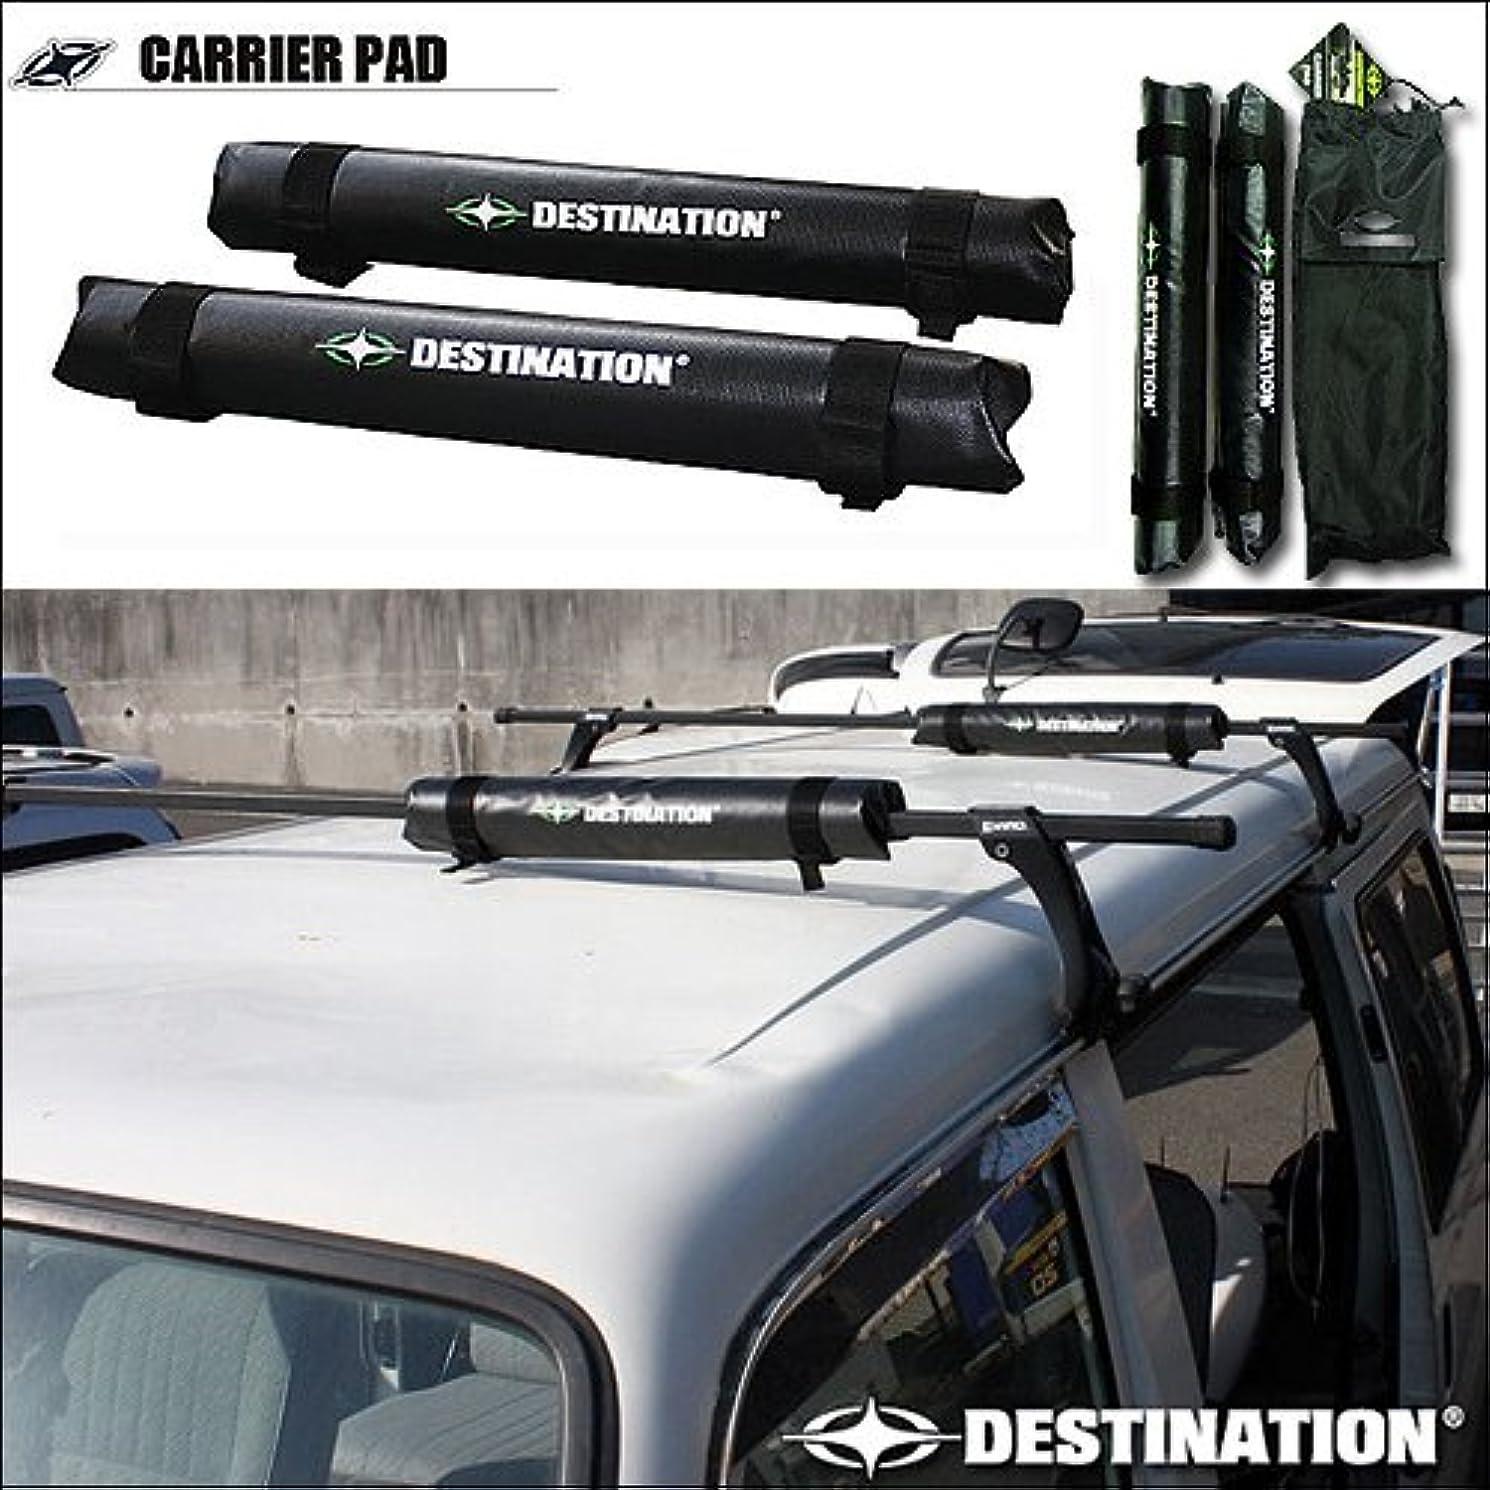 センター韓国に関して【DESTINATION デスティネーション】 CARRIER PAD (キャリアパット) サーフボード自動車用キャリパッド